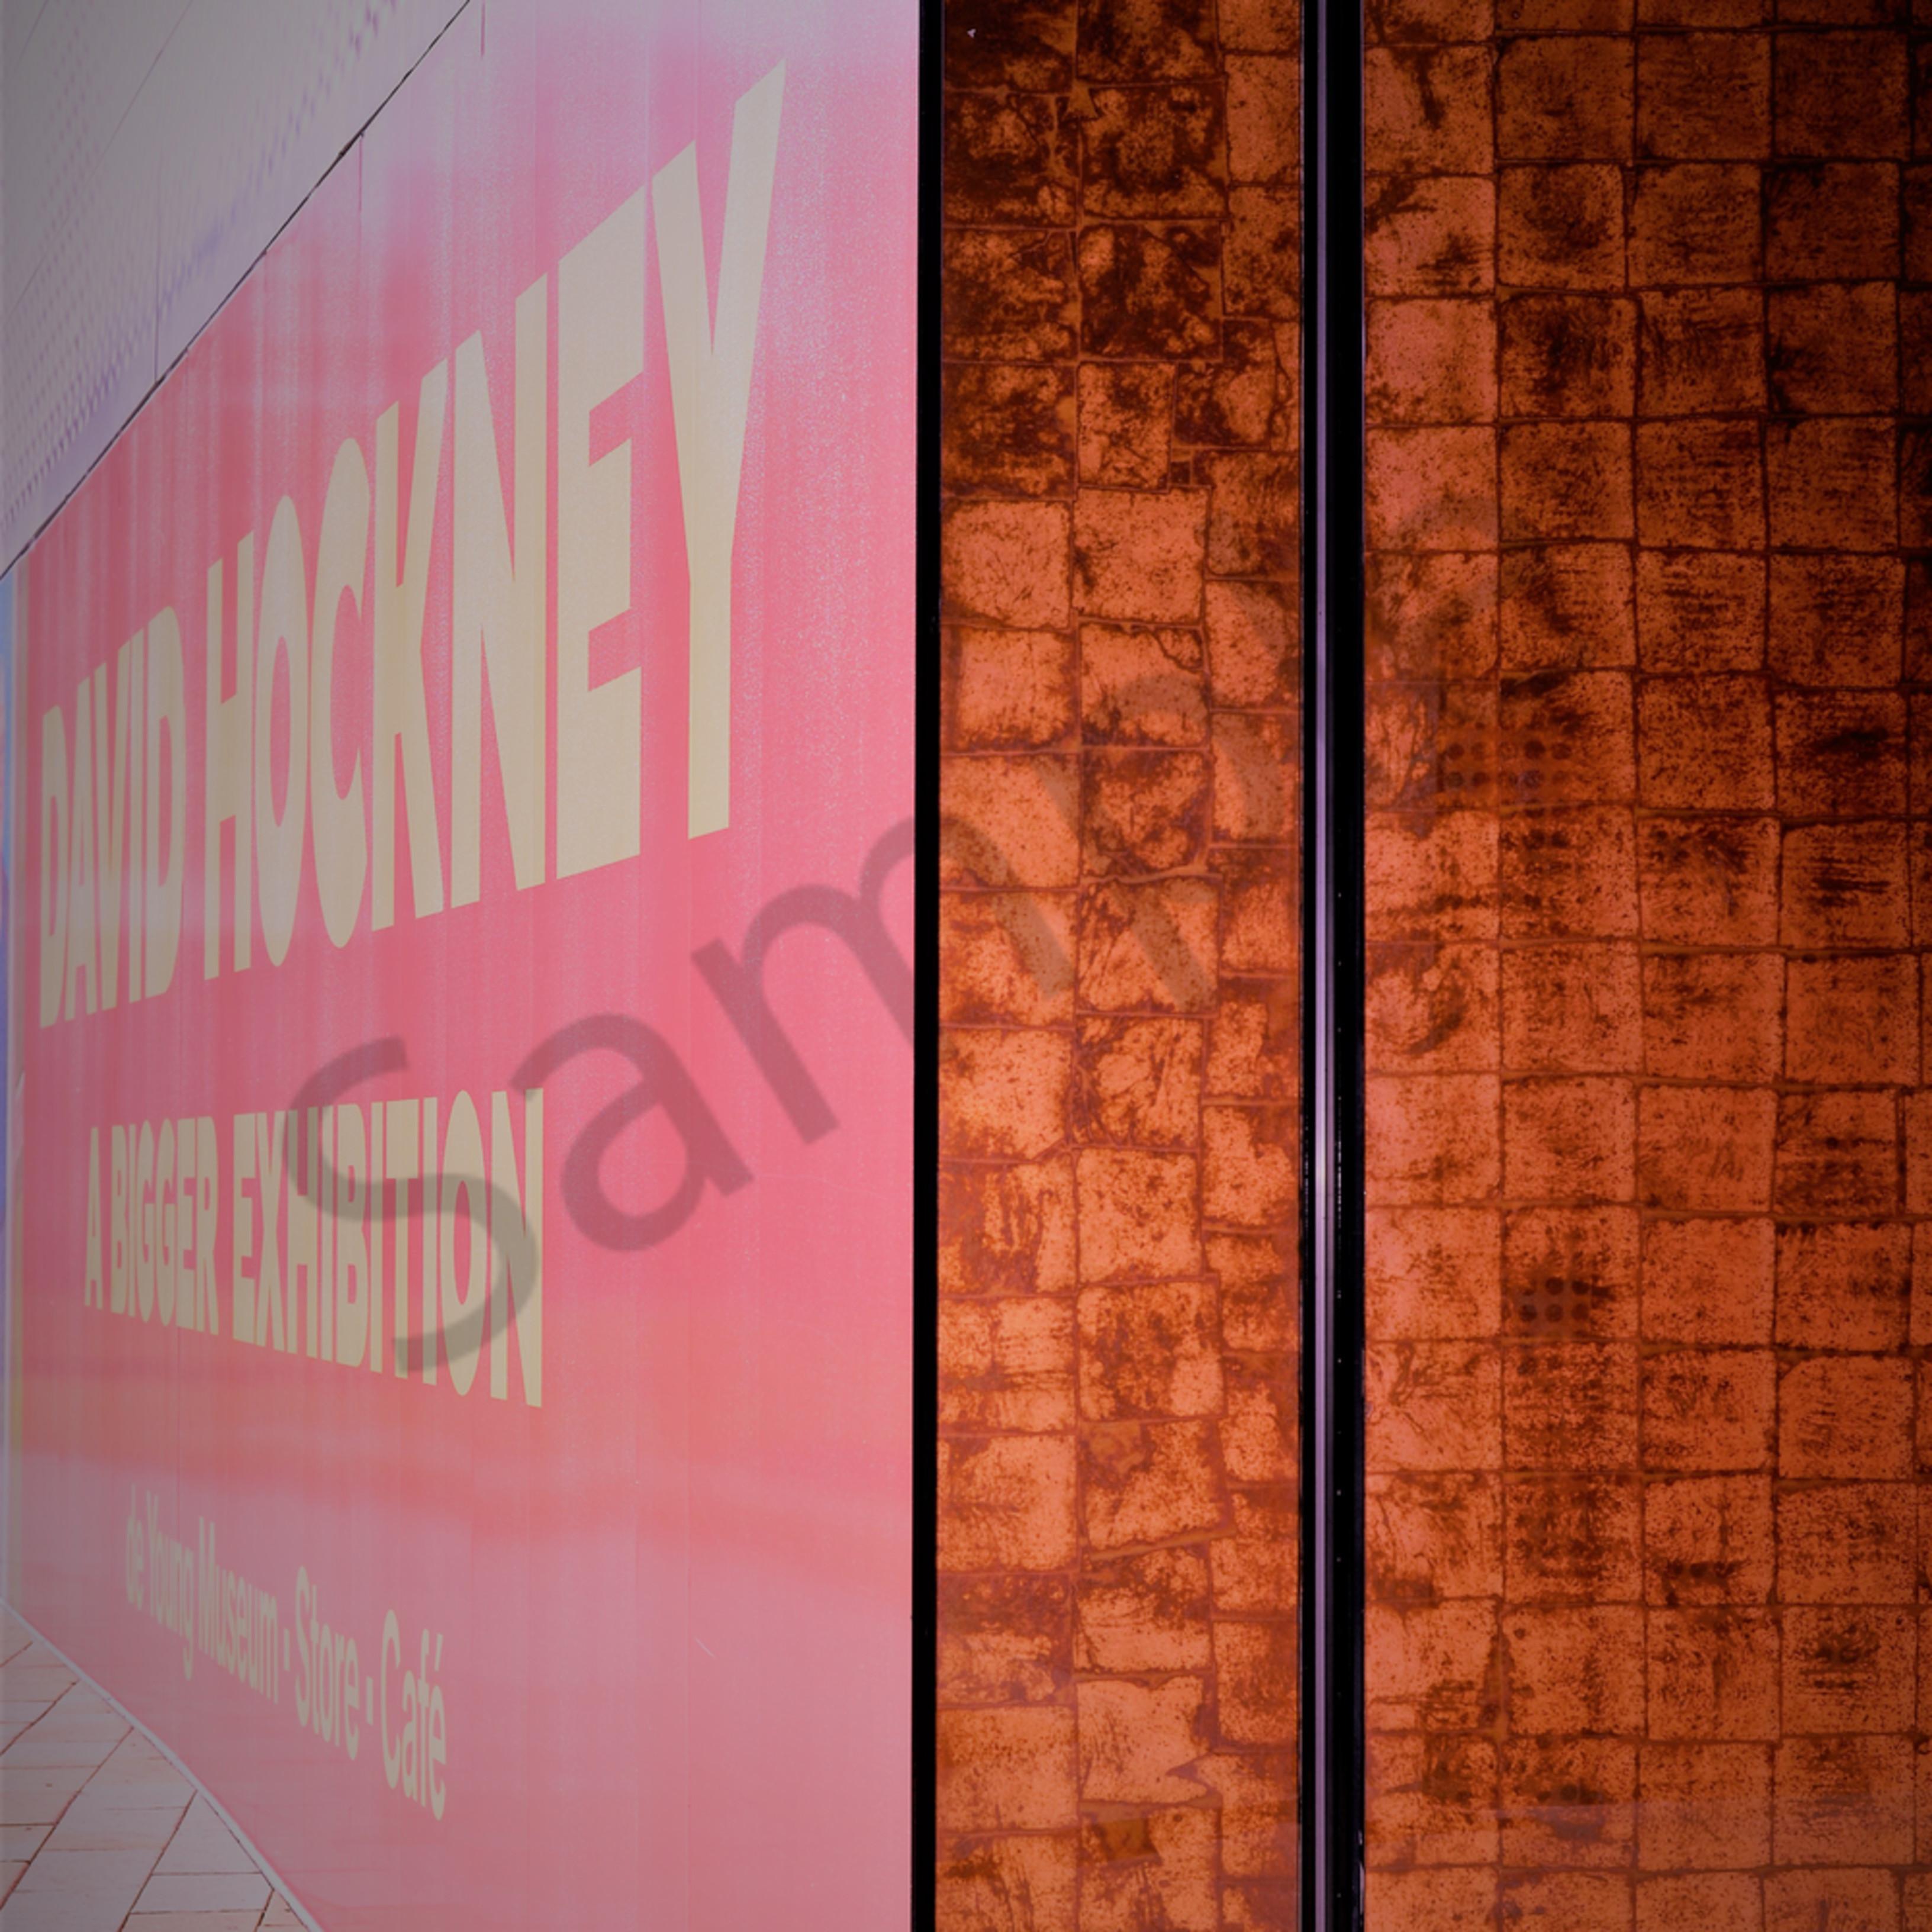 Hockney izqcwi